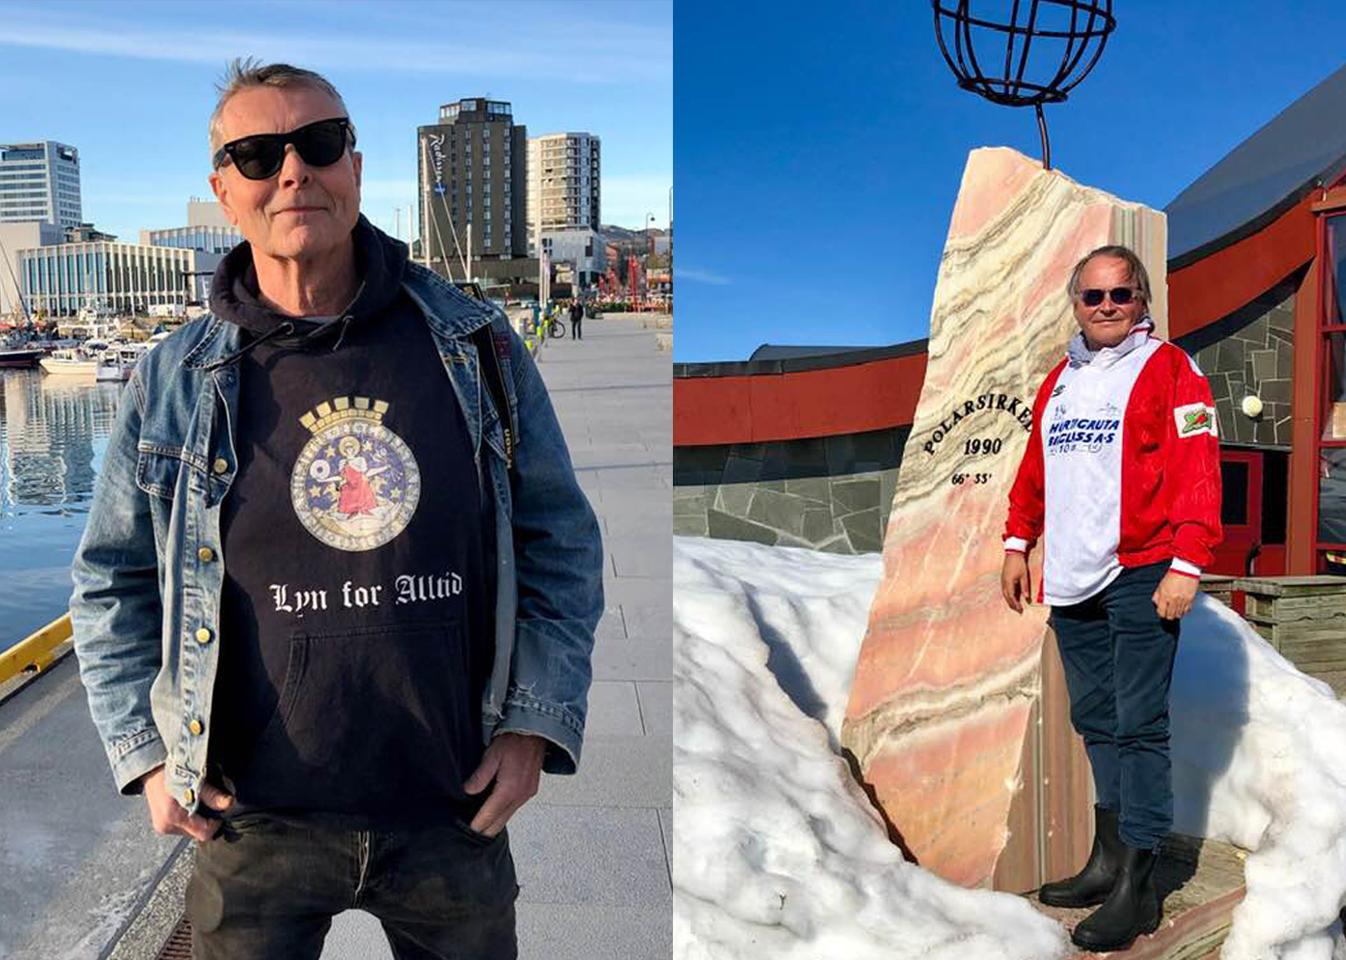 Lyn-supporterne Harald Sollund og Per Kristian Arnø har kjørt fra Oslo til Vadsø for å se Lyn-kamp til helgen. Alle foto: Privat/Harald Sollund